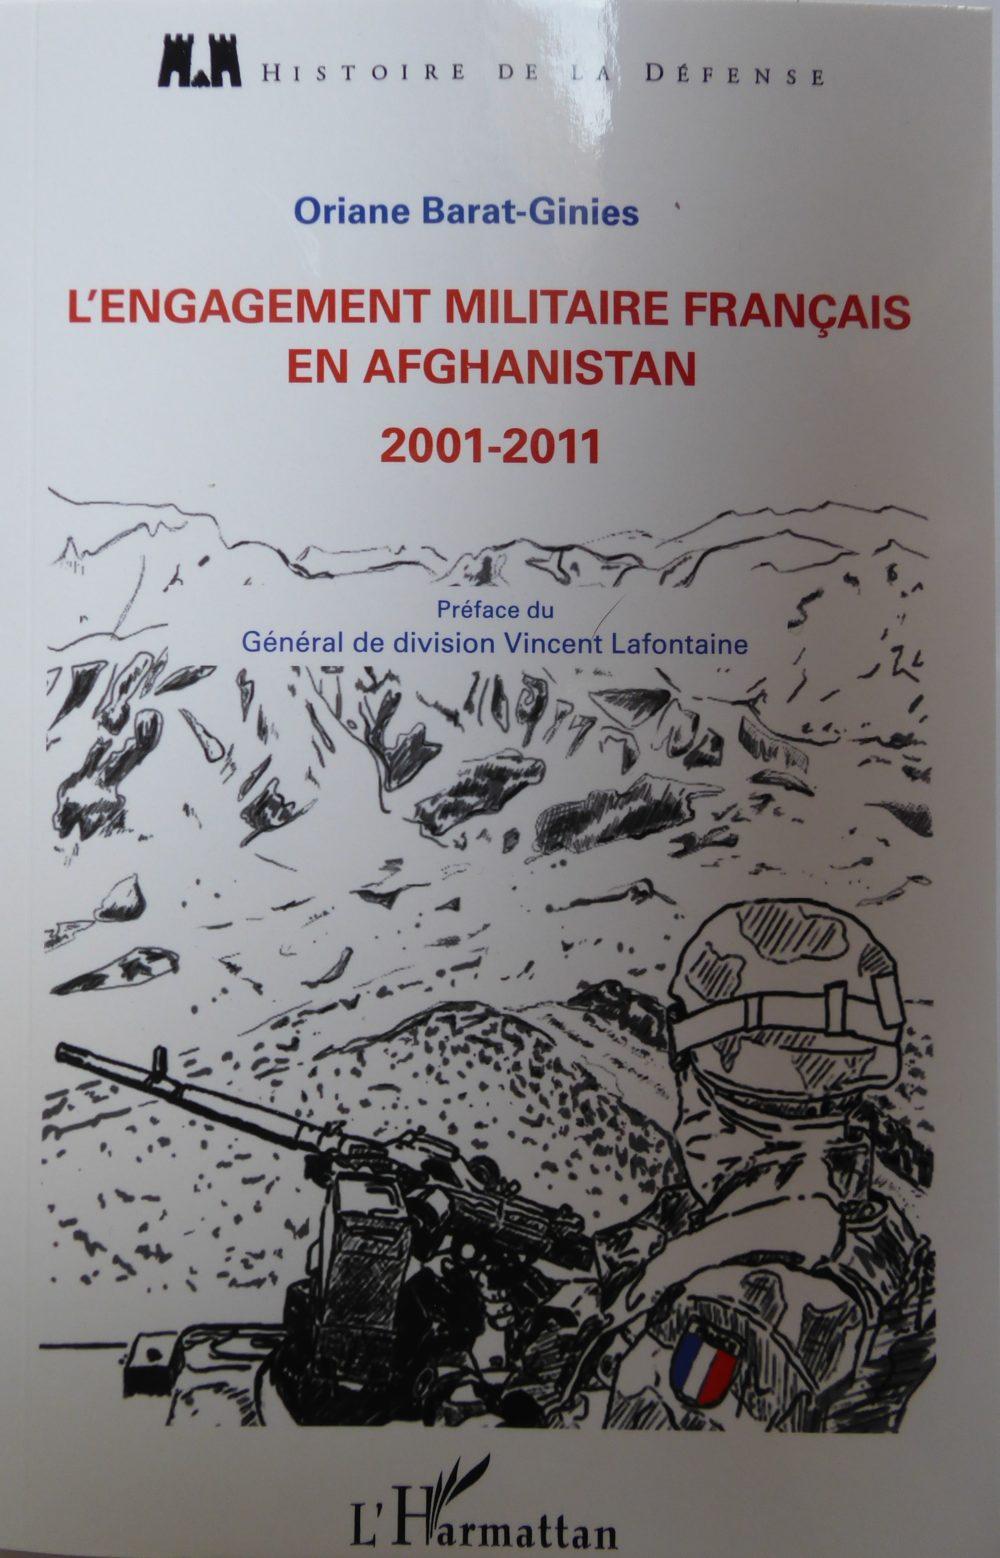 L'engagement militaire francais en afghanistan